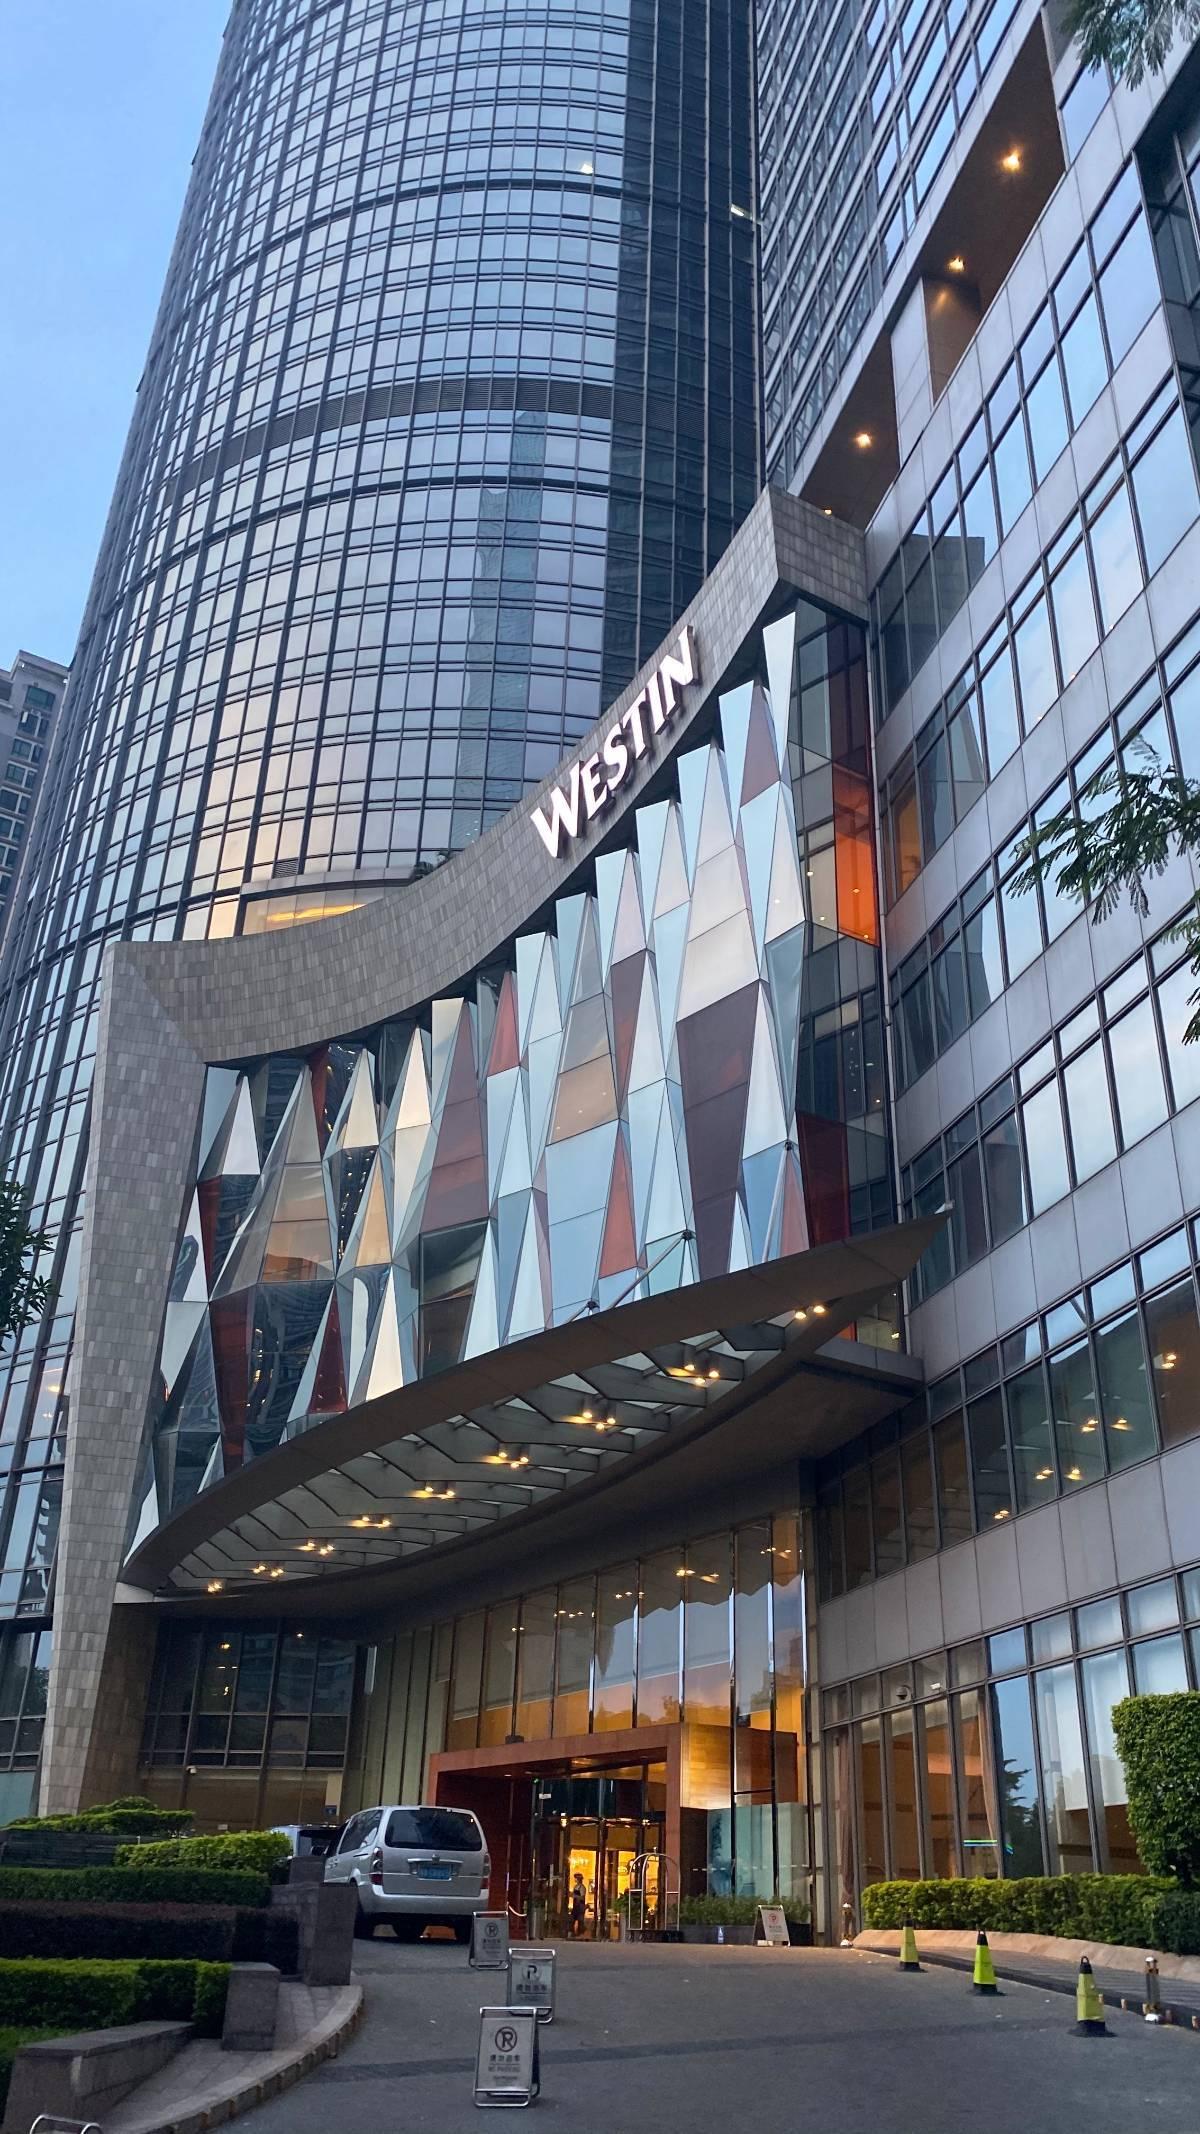 广州海航威斯汀酒店万豪万誉会,多份自助餐券+亚太区餐饮订房8折 MZ7